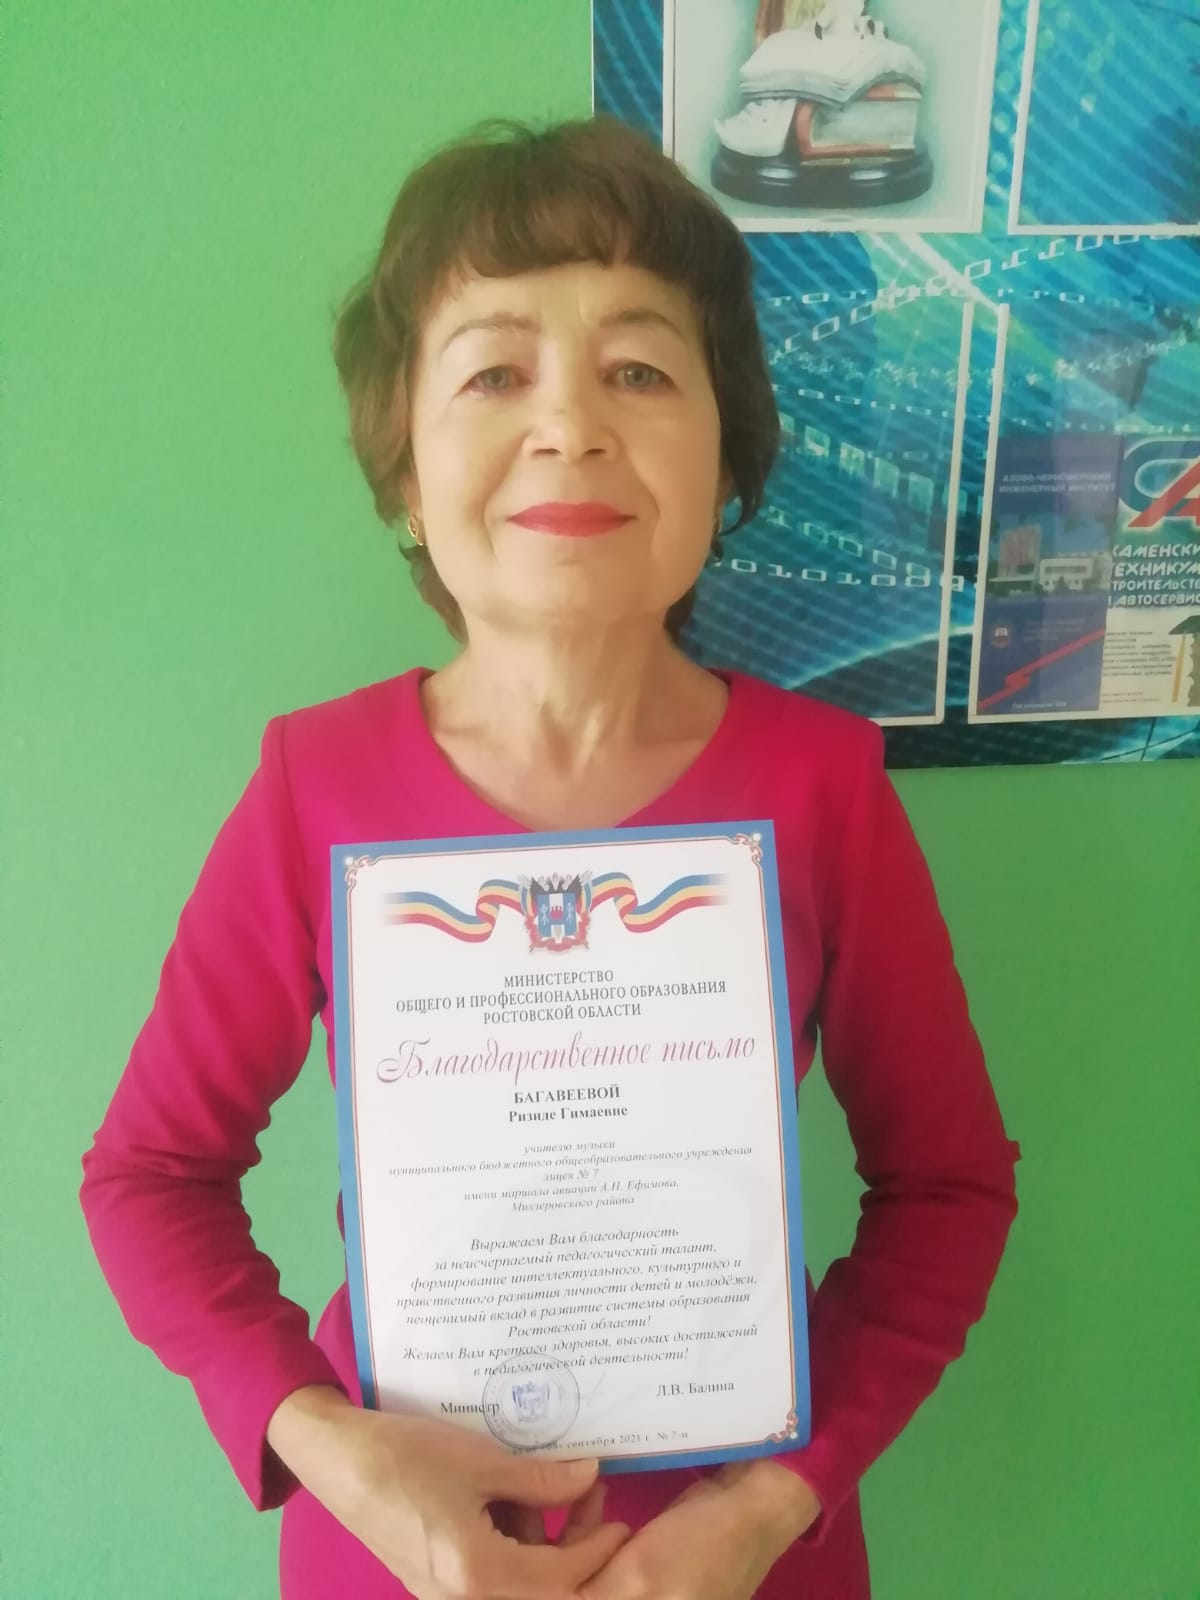 Учитель миллеровского лицея №7 награждена грамотой областного министерства образования